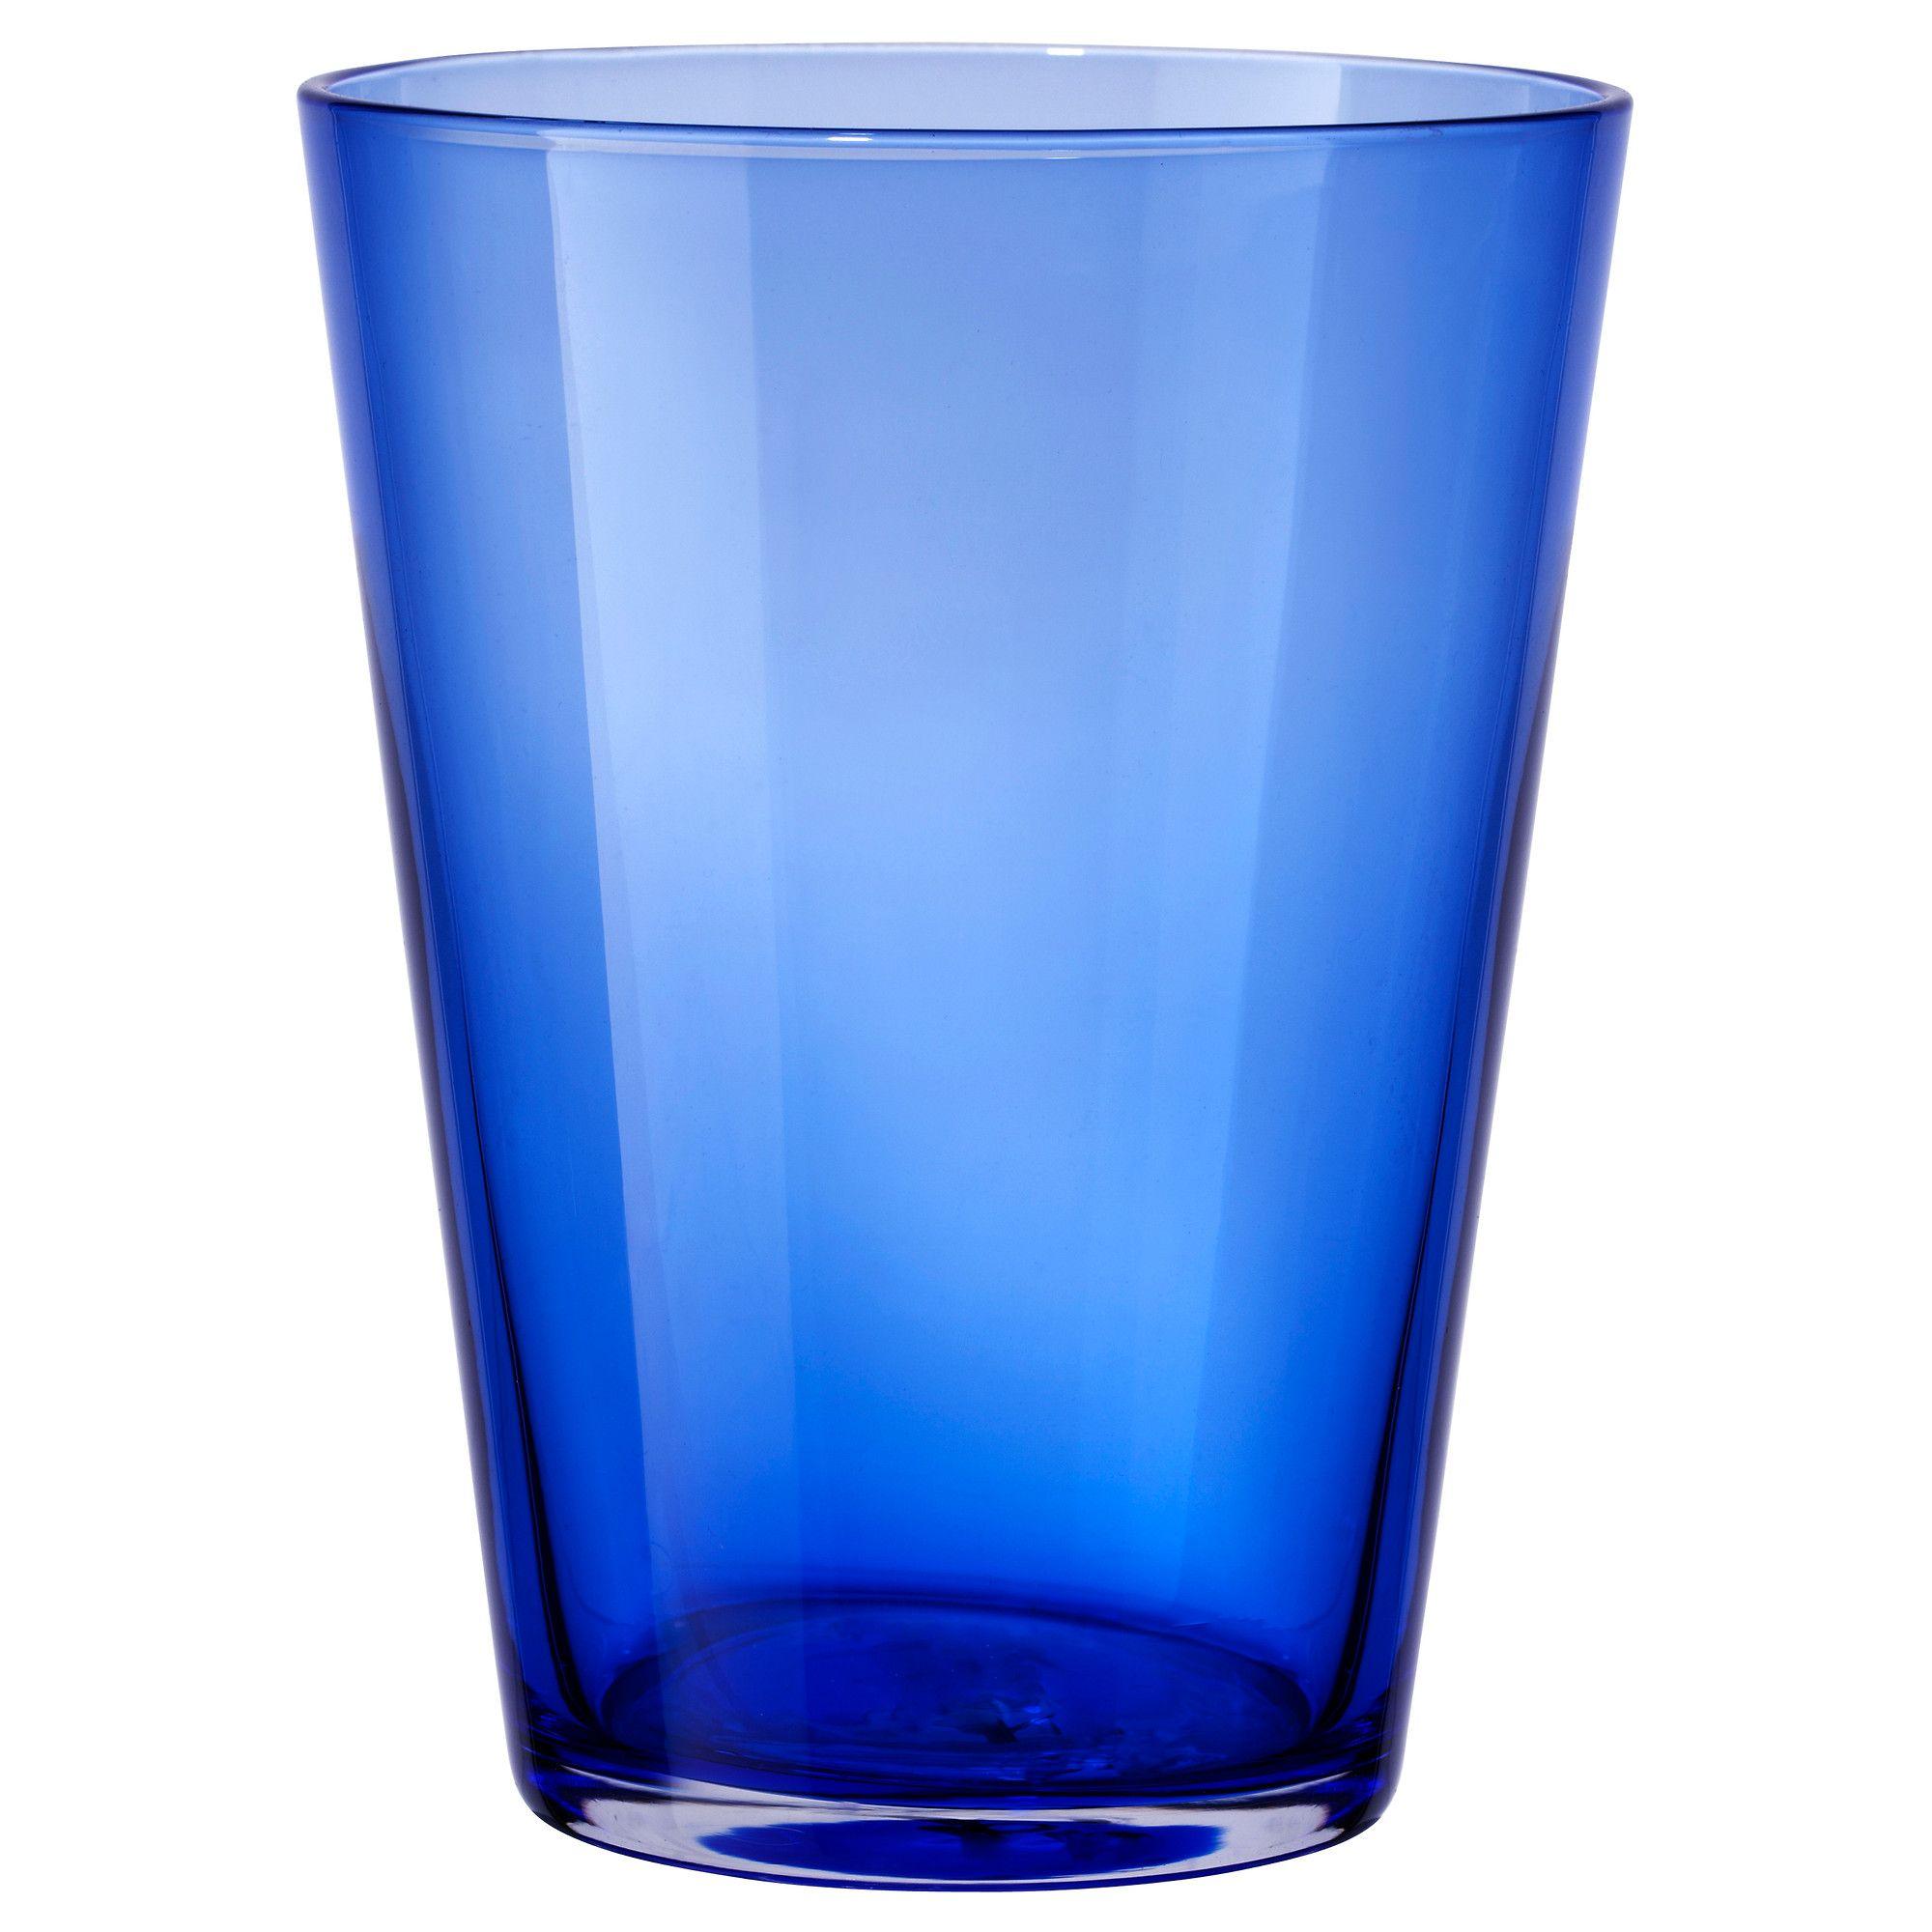 Resultado de imagem para blue glass